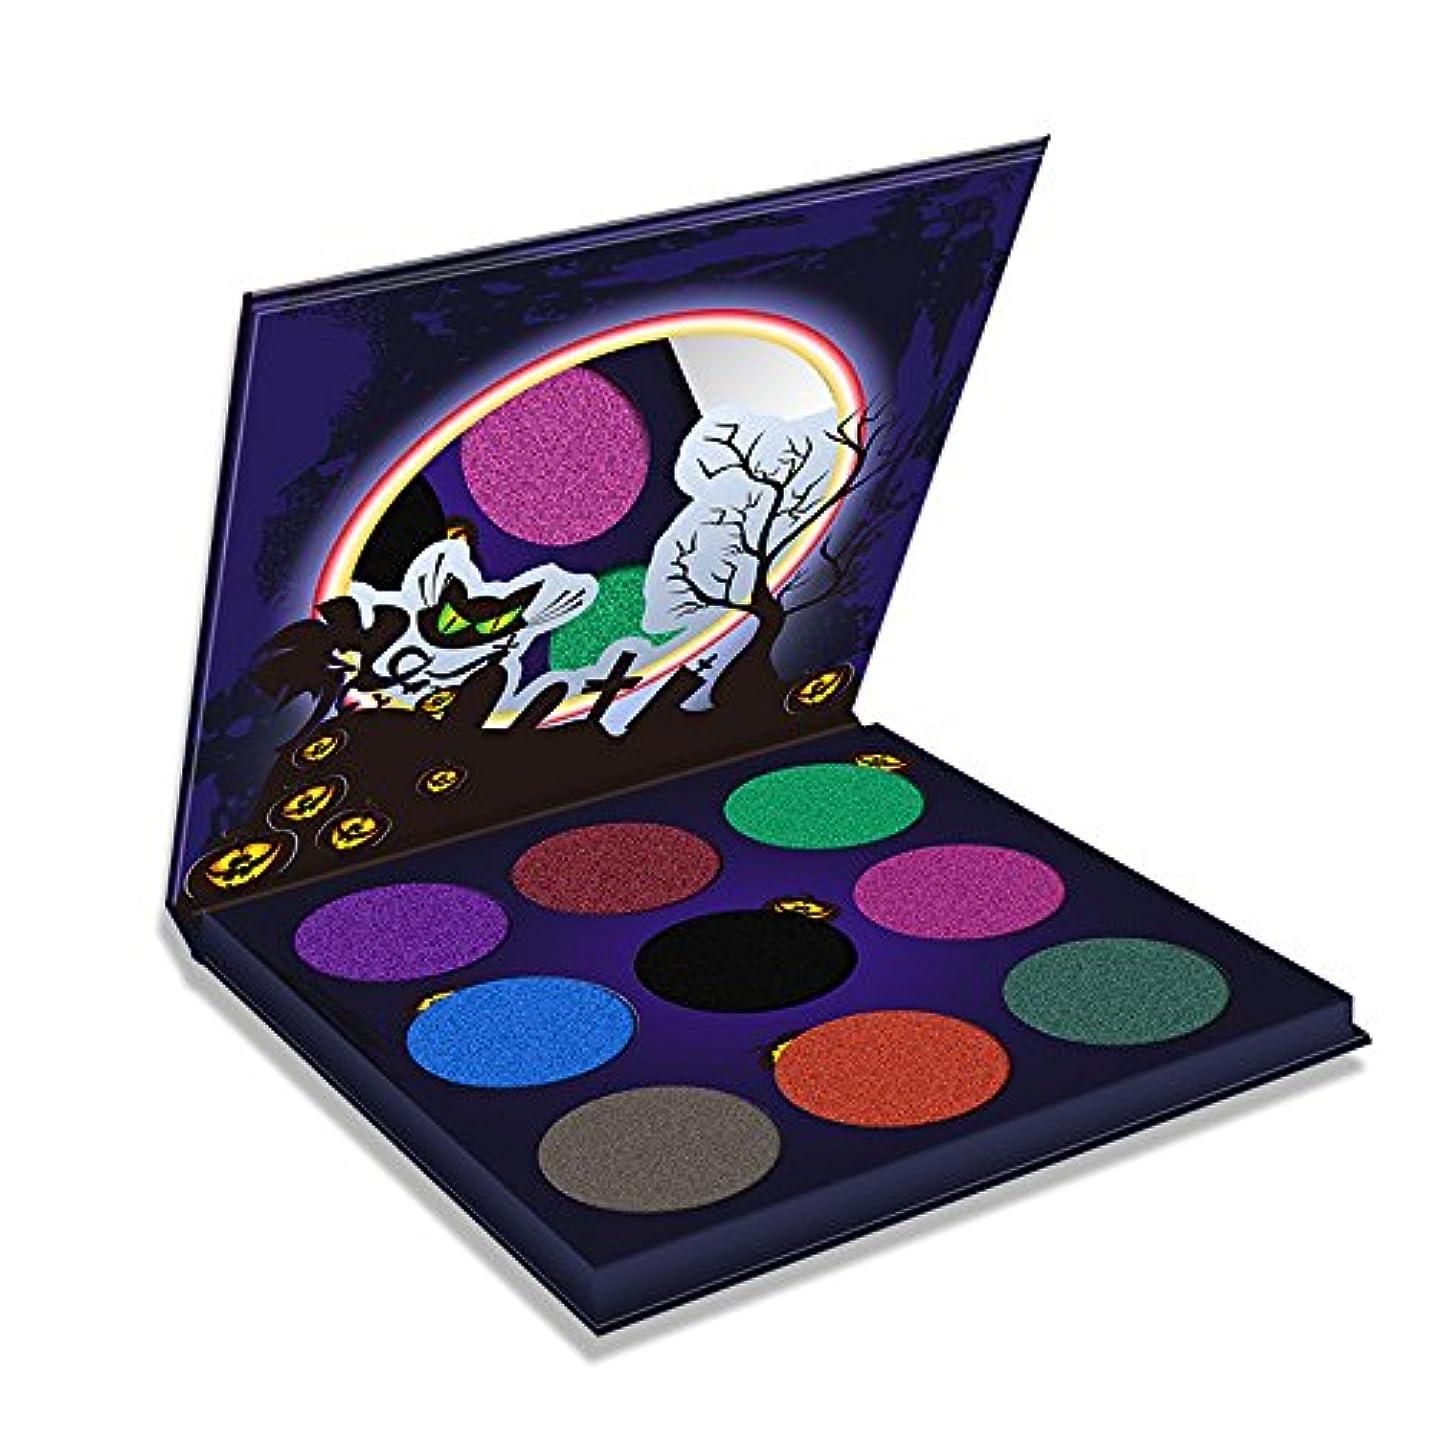 ルーキー期待して桃Akane アイシャドウパレット HappyMakeup 魅力的 ハロウィン 人気 欧米風 キラキラ 綺麗 長持ち おしゃれ 防水 チャーム 日常 持ち便利 Eye Shadow (9色) EPHM009A001